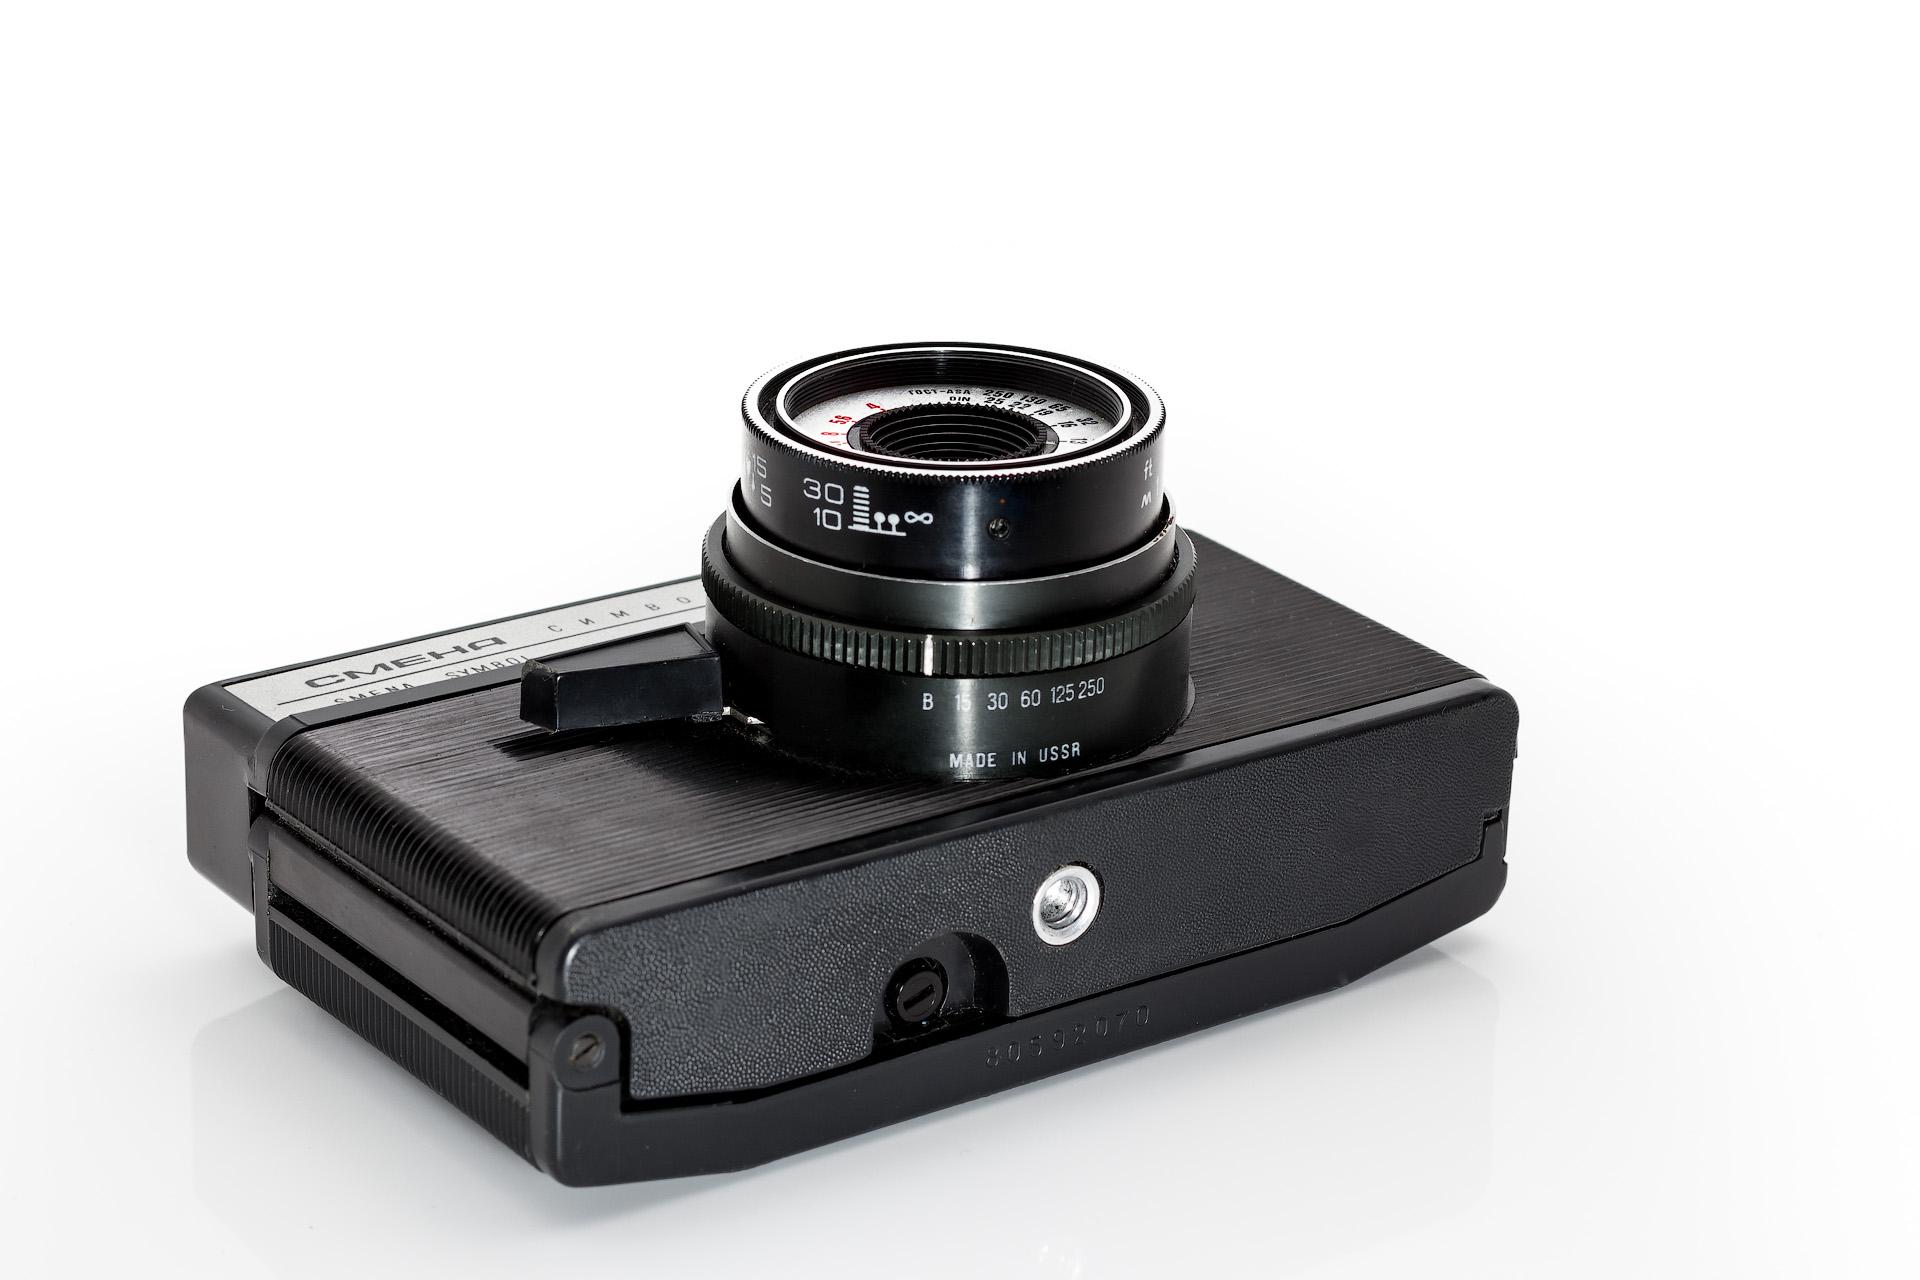 Украденные фотоаппараты фото 3 фотография